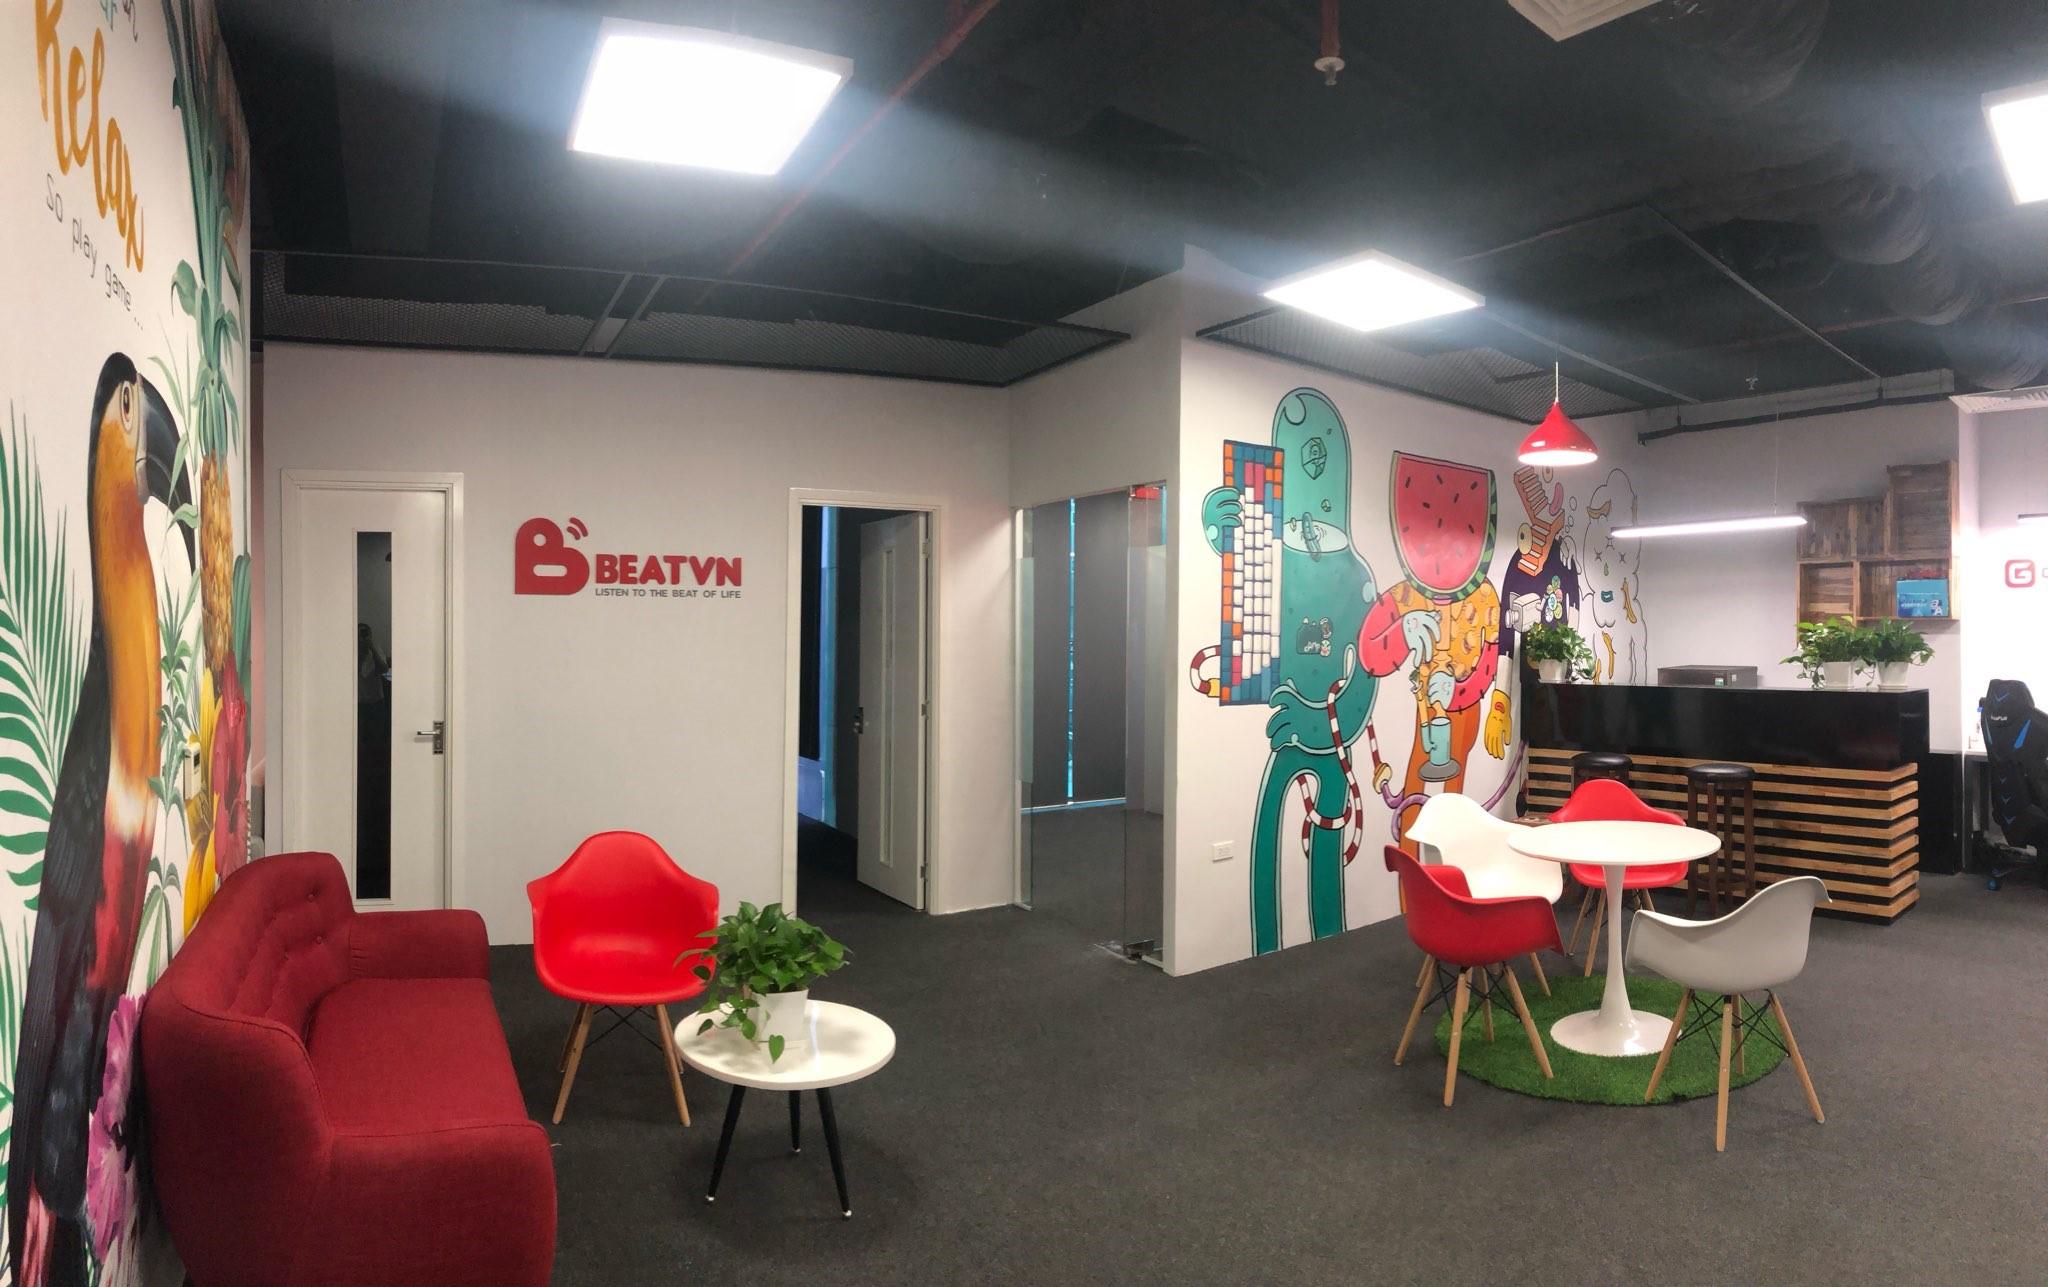 Studio sẽ là nơi hoạt động chung của các gamer/streamer của GTV và BEATVN